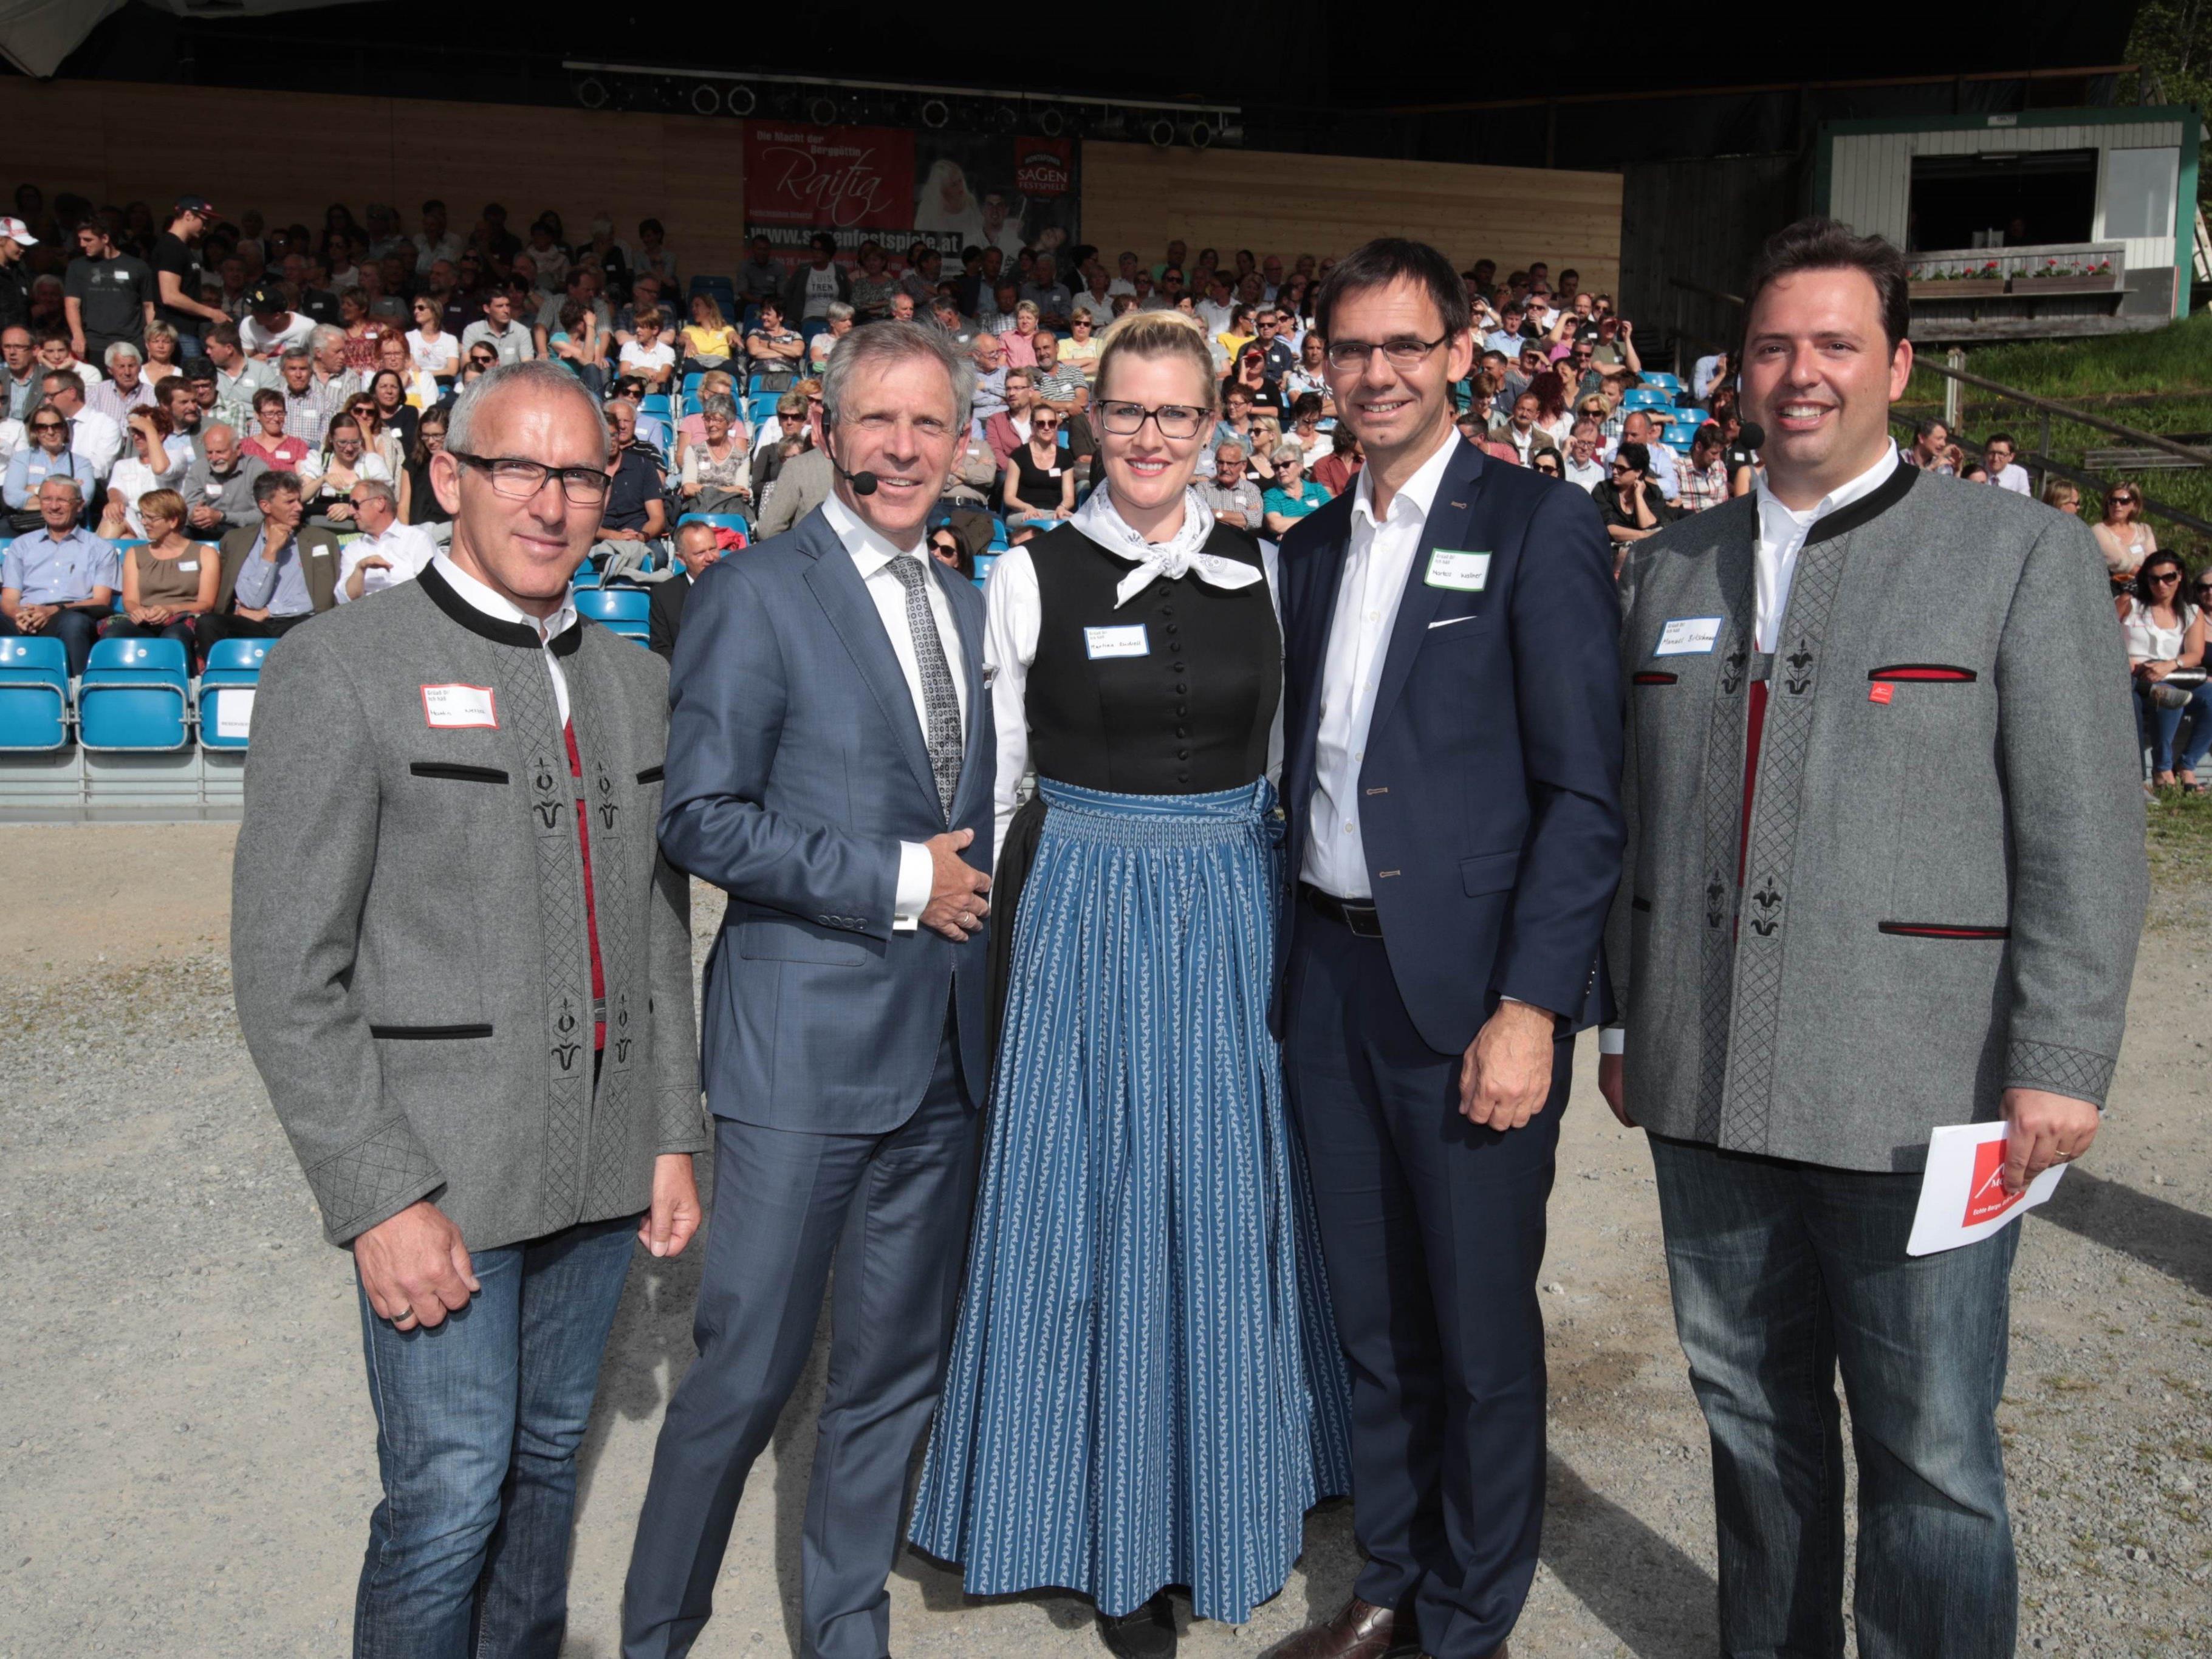 Bgm. Martin Netzer, Referent Christoph Engl, Martina Zudrell,LH Markus Wallner und Manuel Bitschnau.